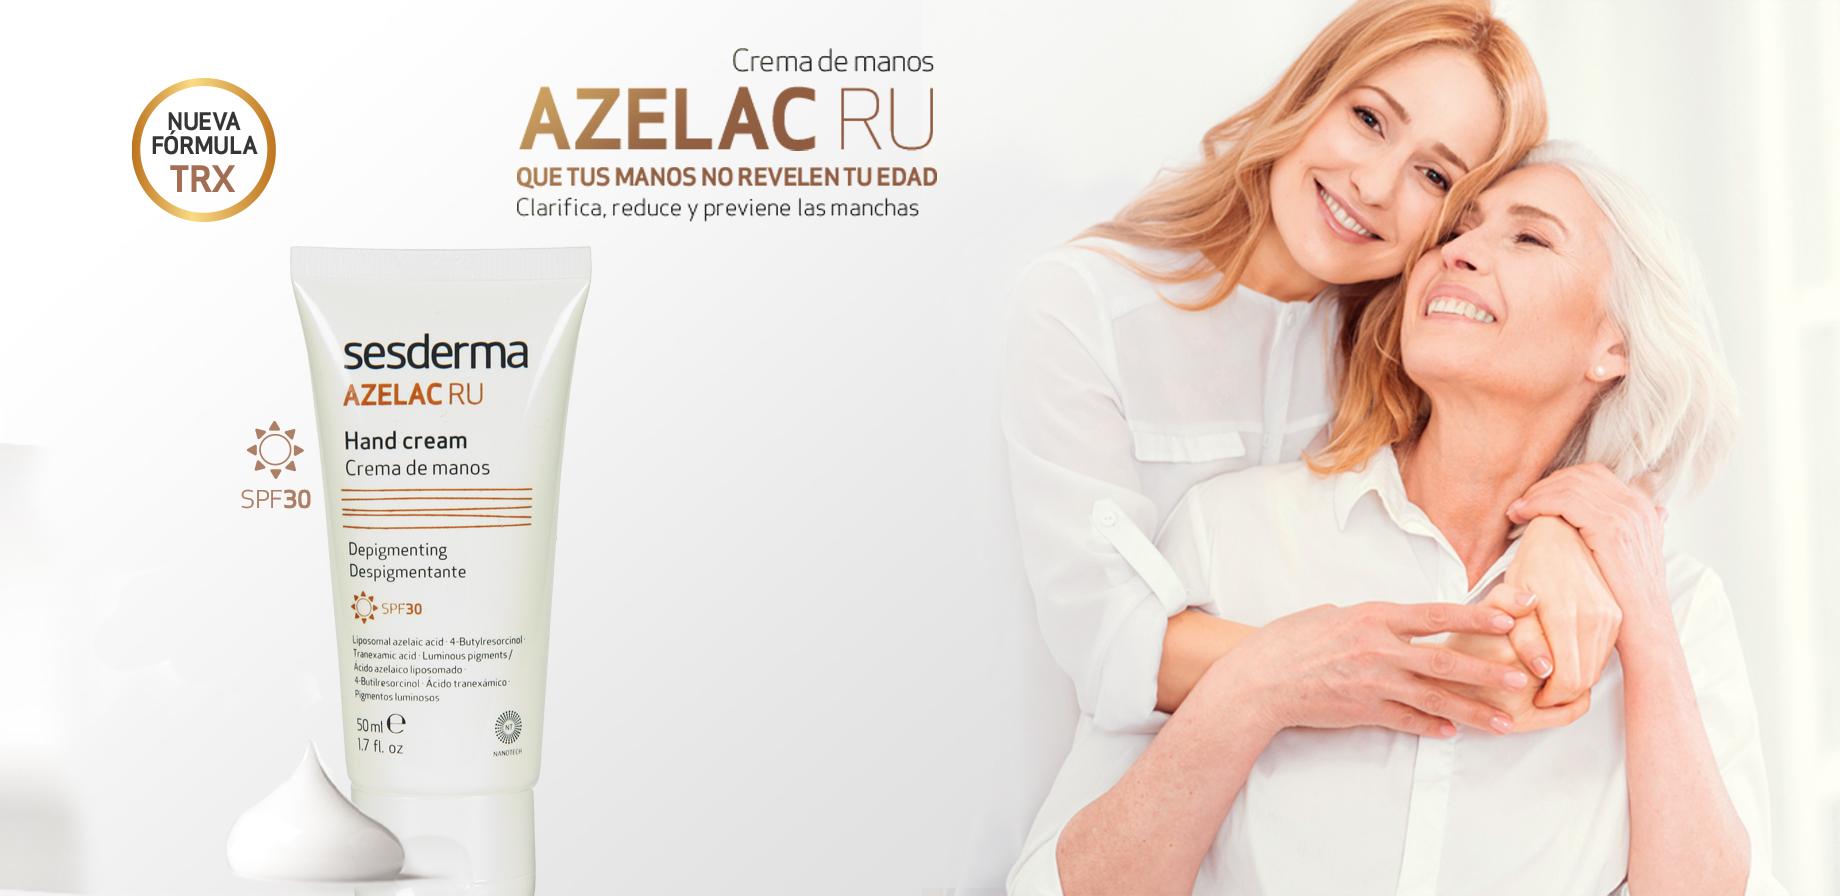 Sesderma Azeluc RU Crema de manos antiedad despigmentante